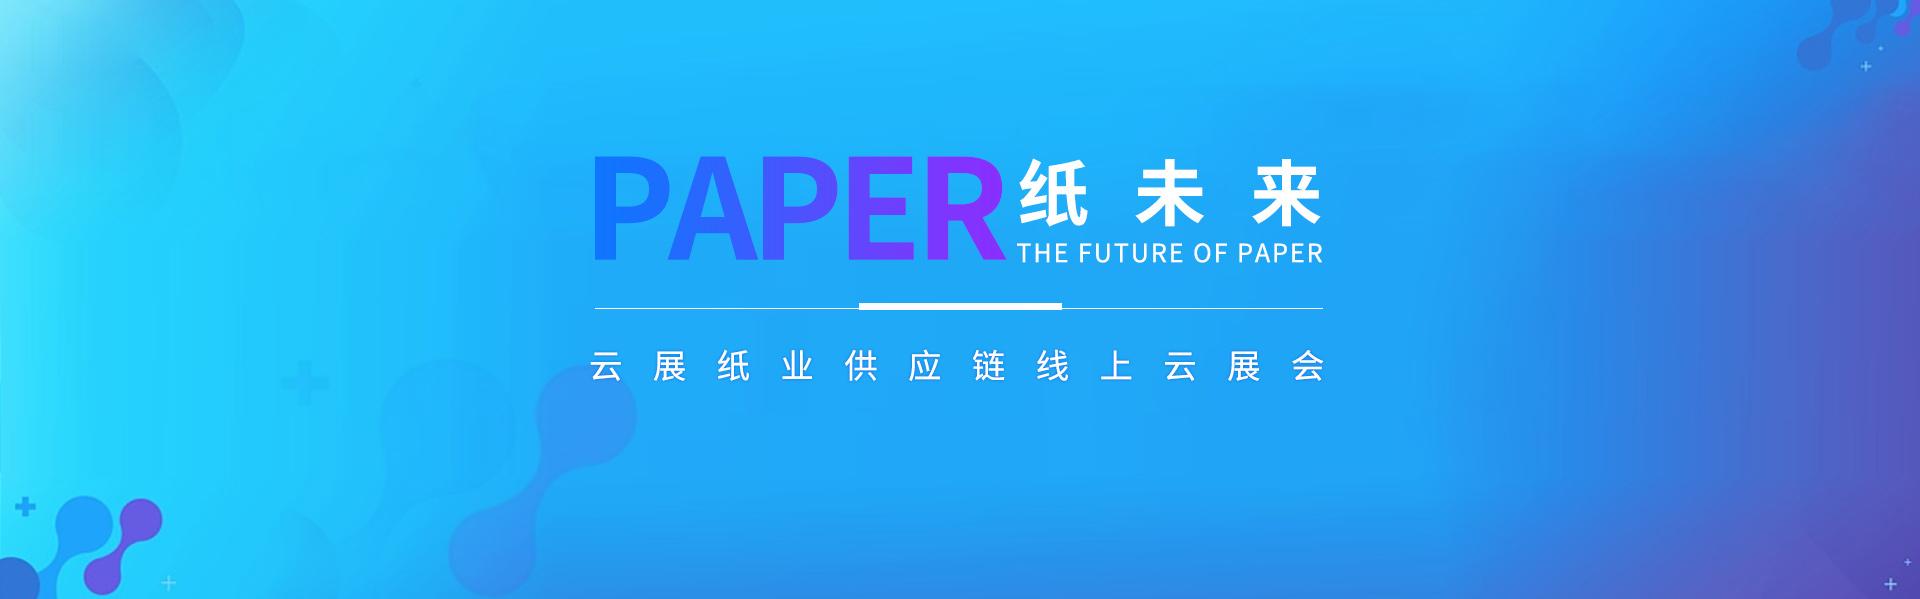 纸未来-纸业供应链云展